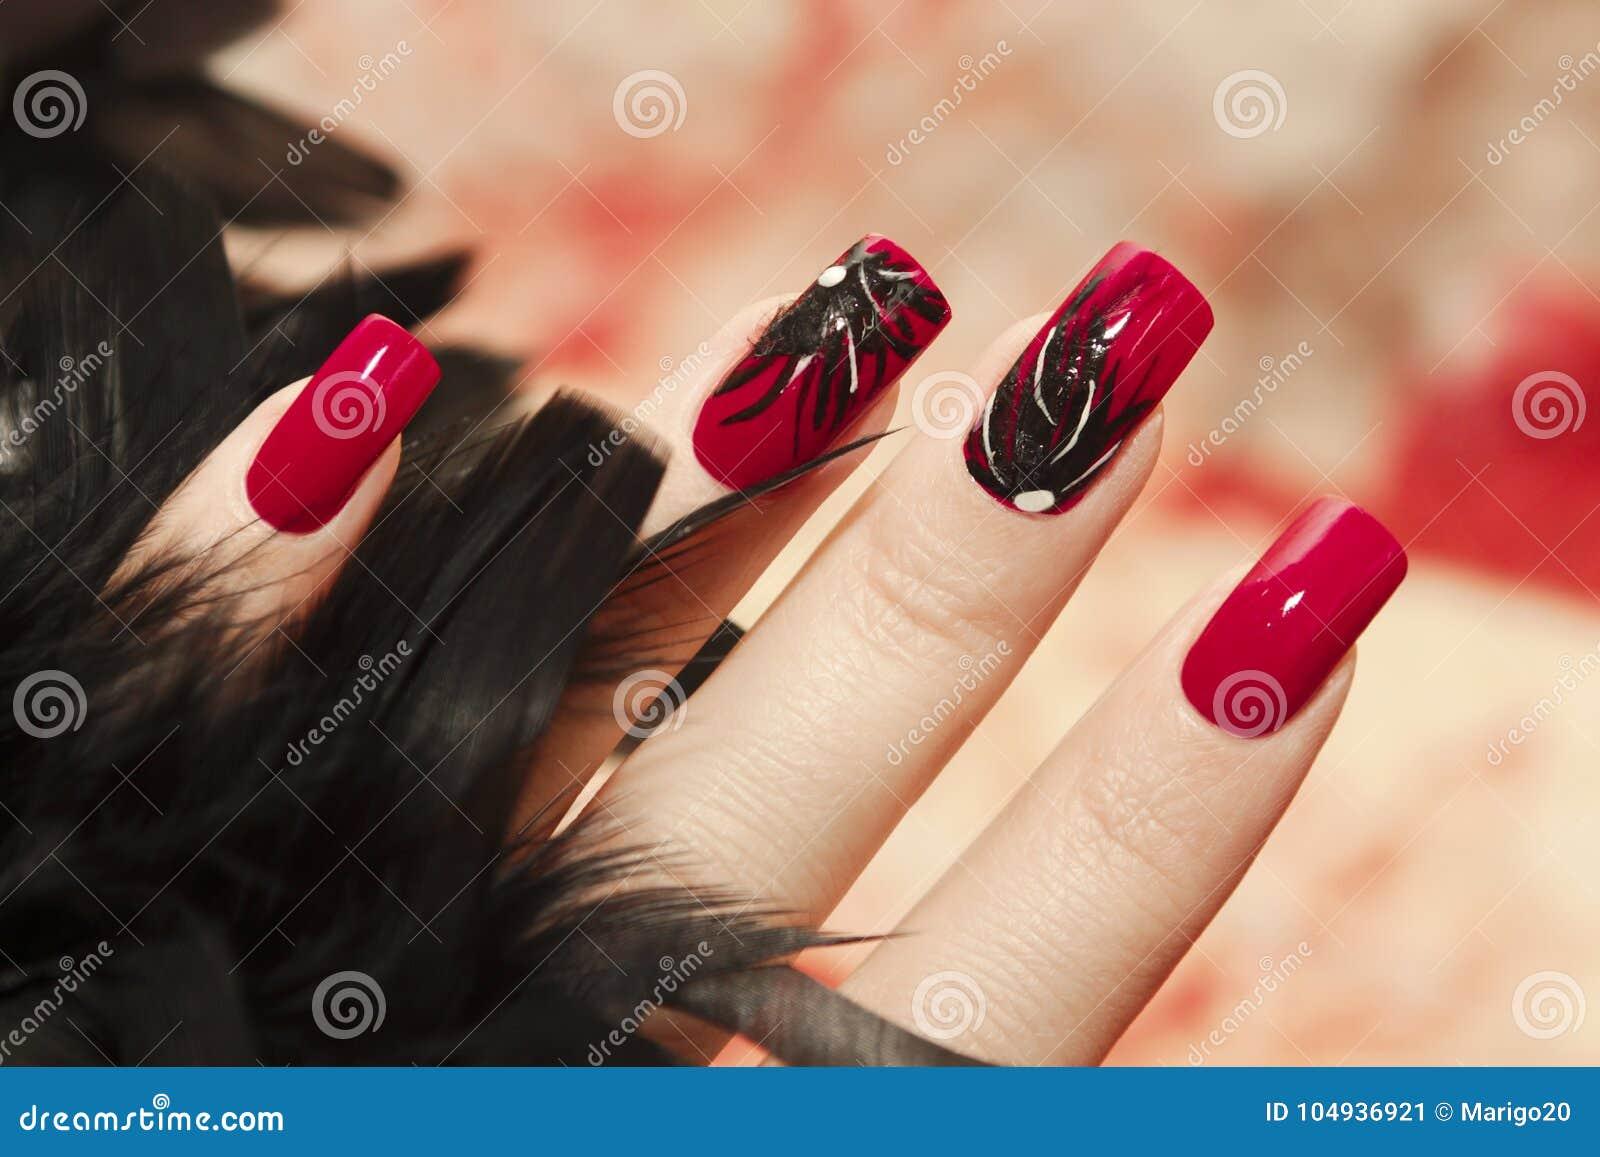 Spacious Fingernägel Design Bilder Reference Of Lange Rote Nägel Mit Von Schwarzen Federn